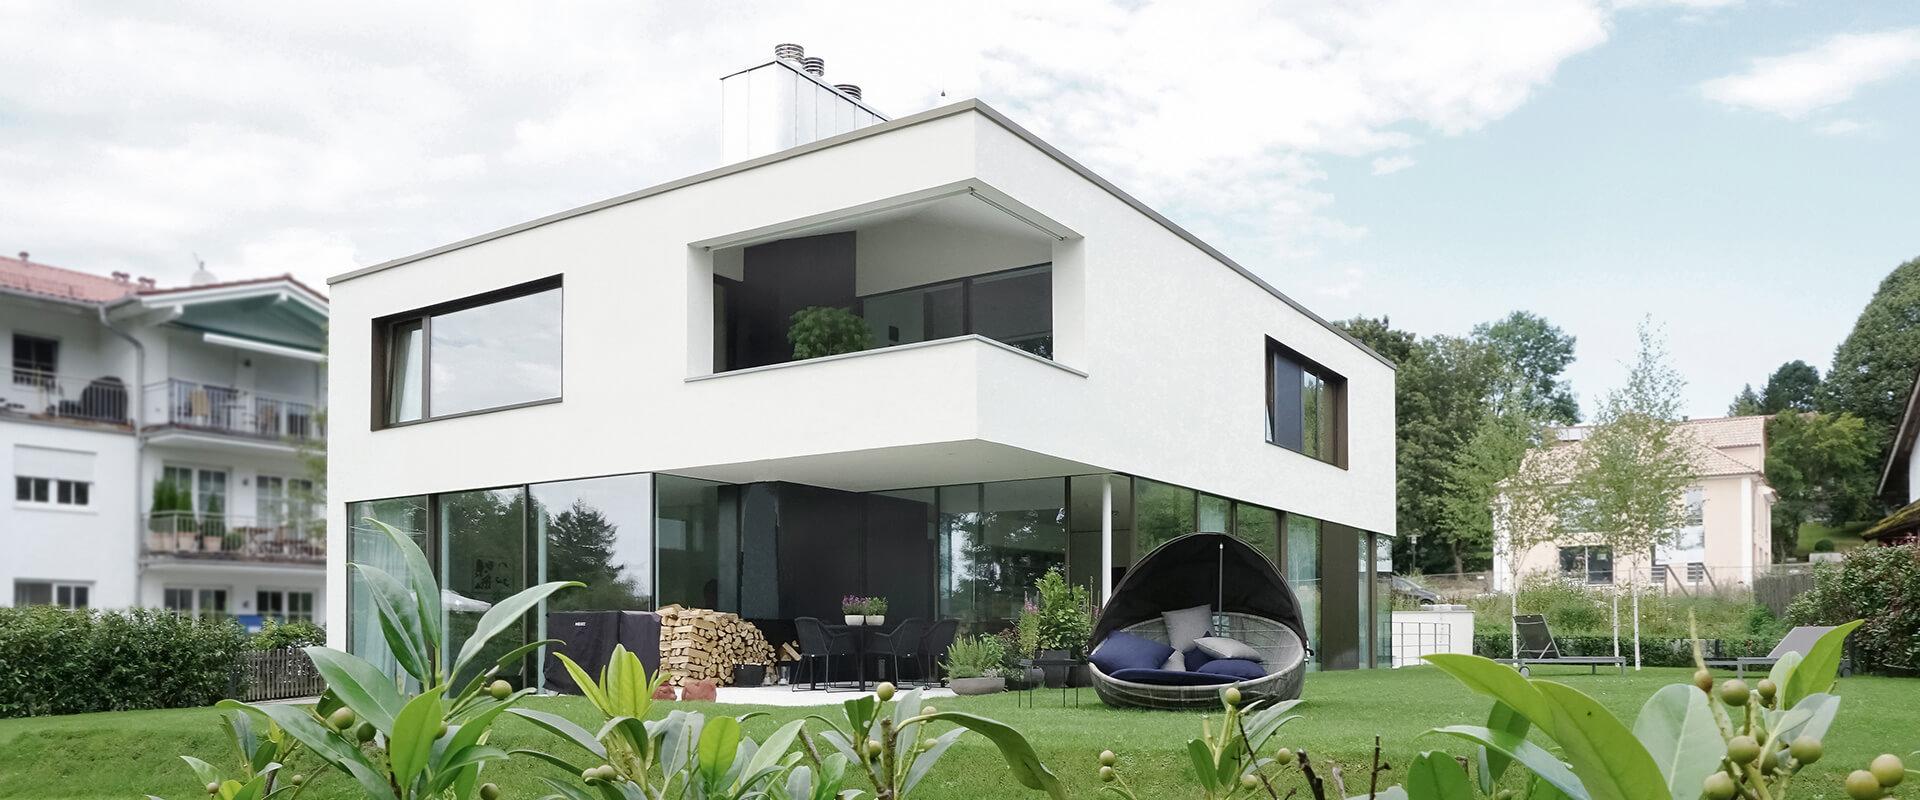 Architekt Starnberger See | Einfamilienhaus Starnberg - Haus A ...